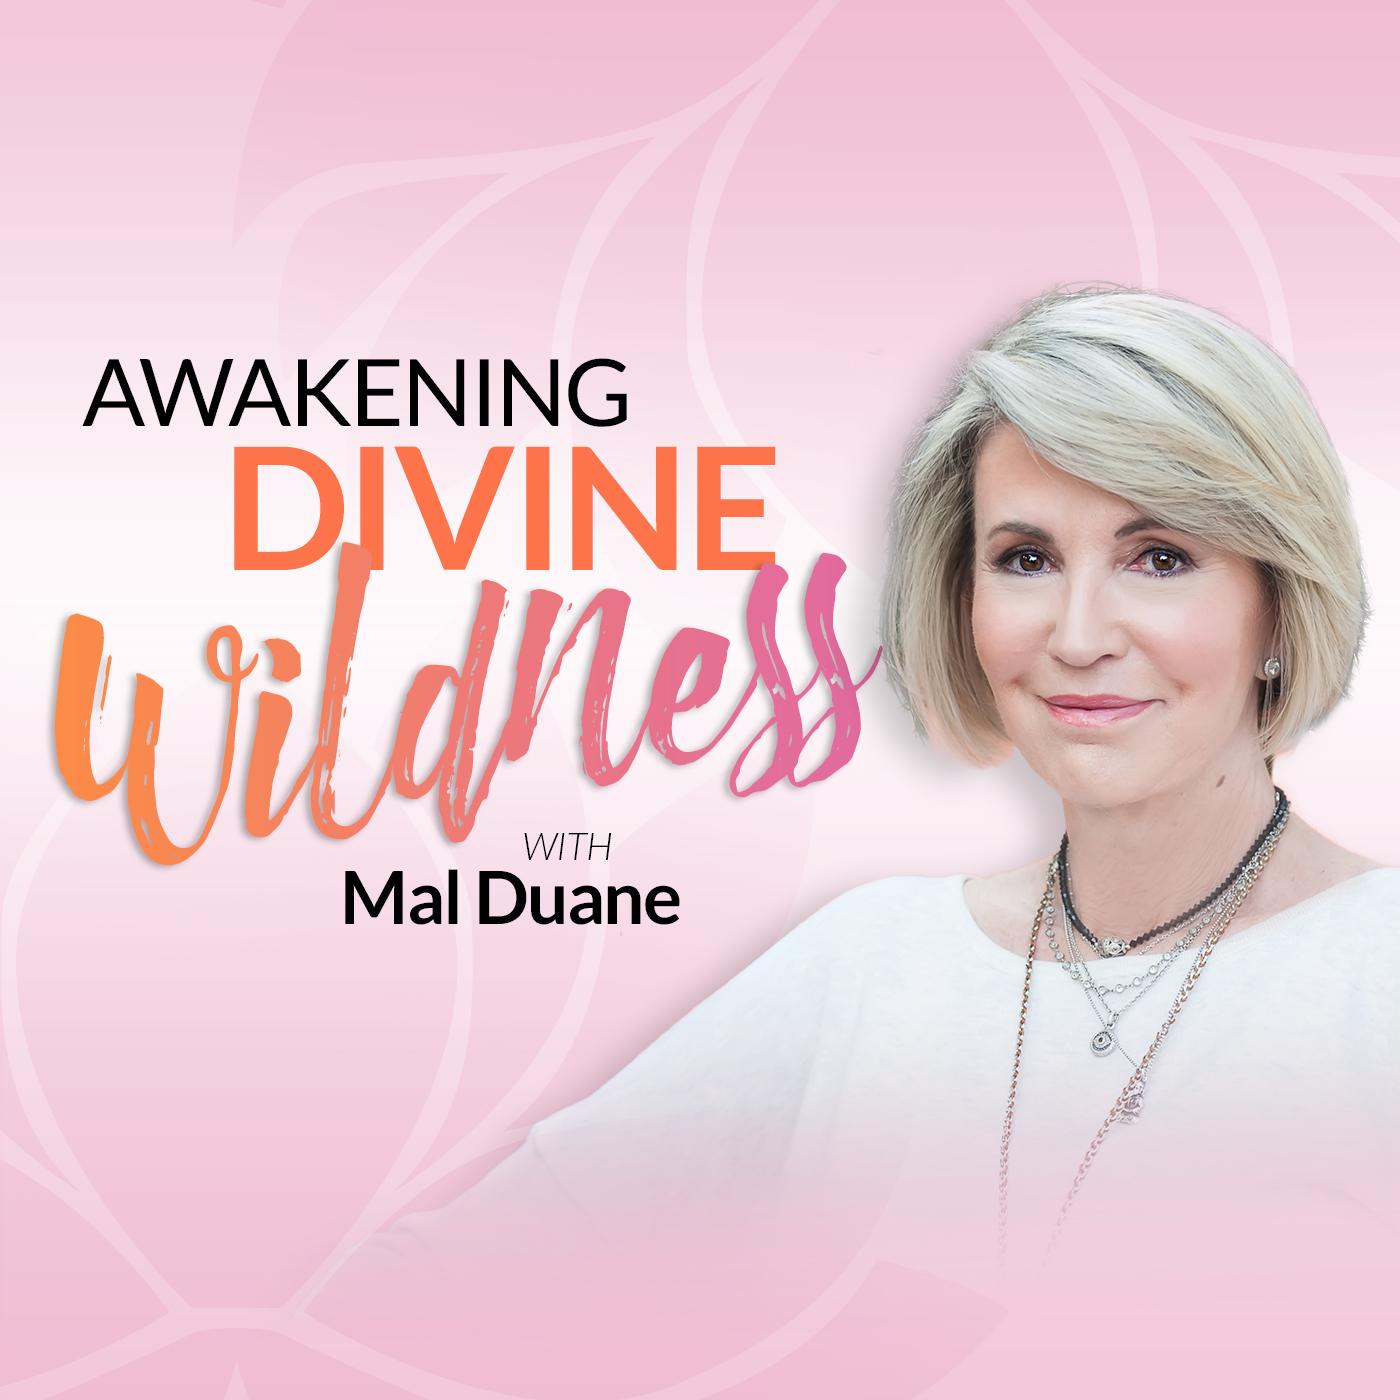 Awakening Divine Wildness